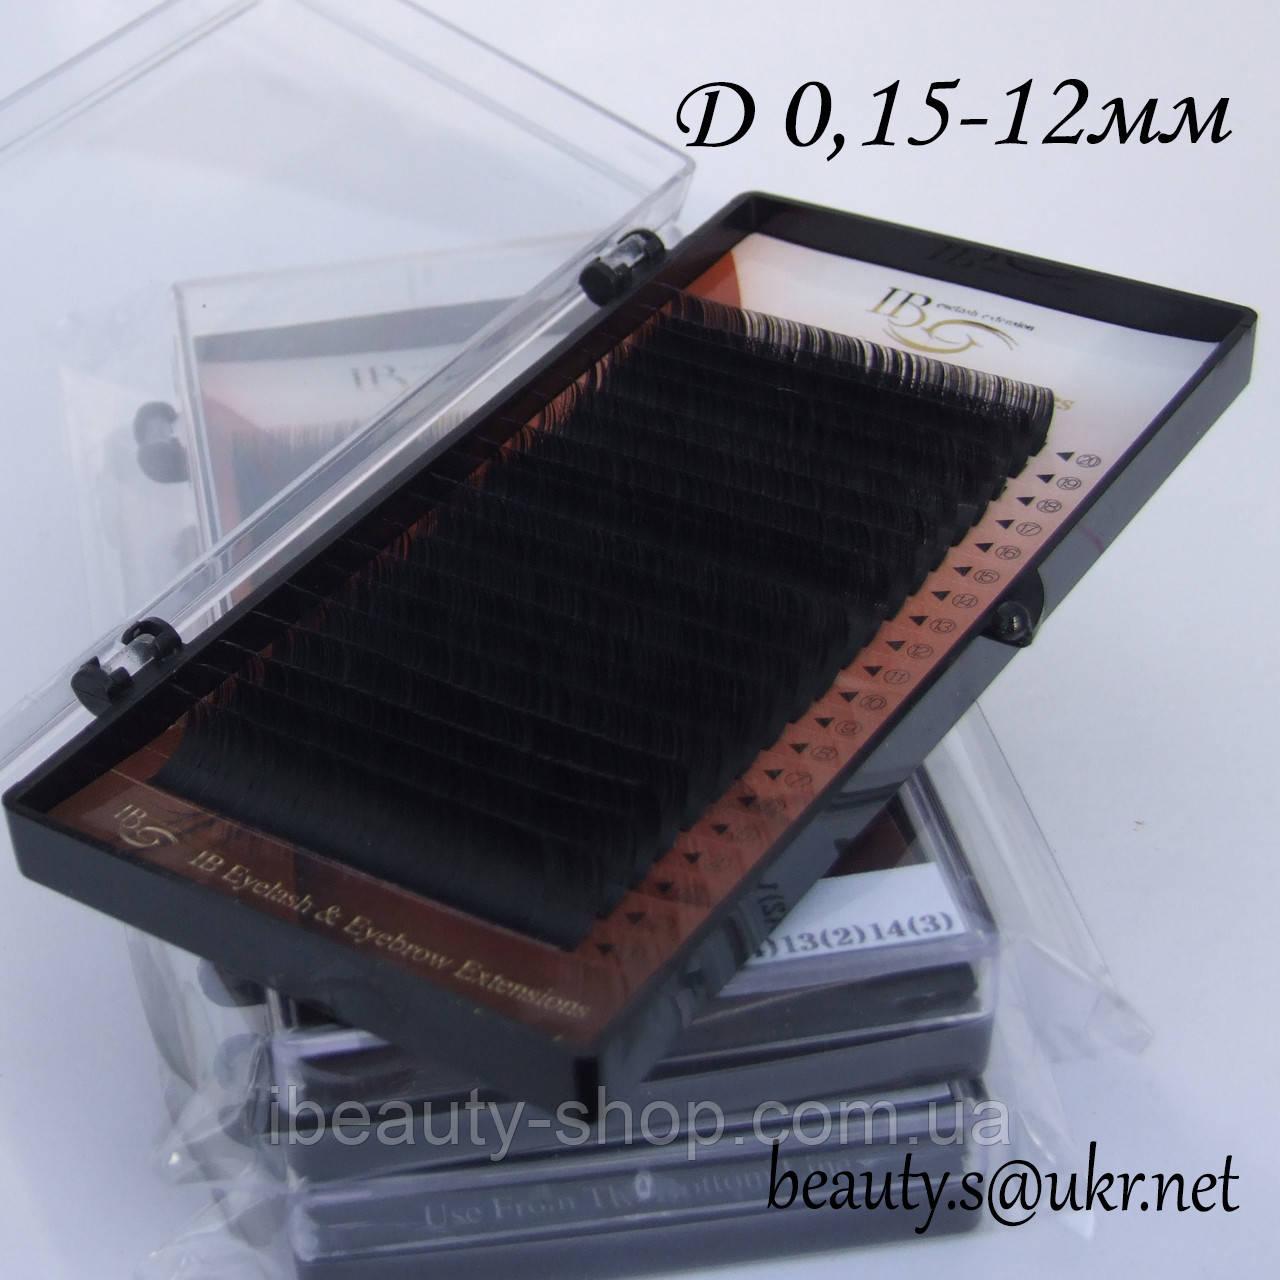 Ресницы  I-Beauty на ленте D-0,15 12мм